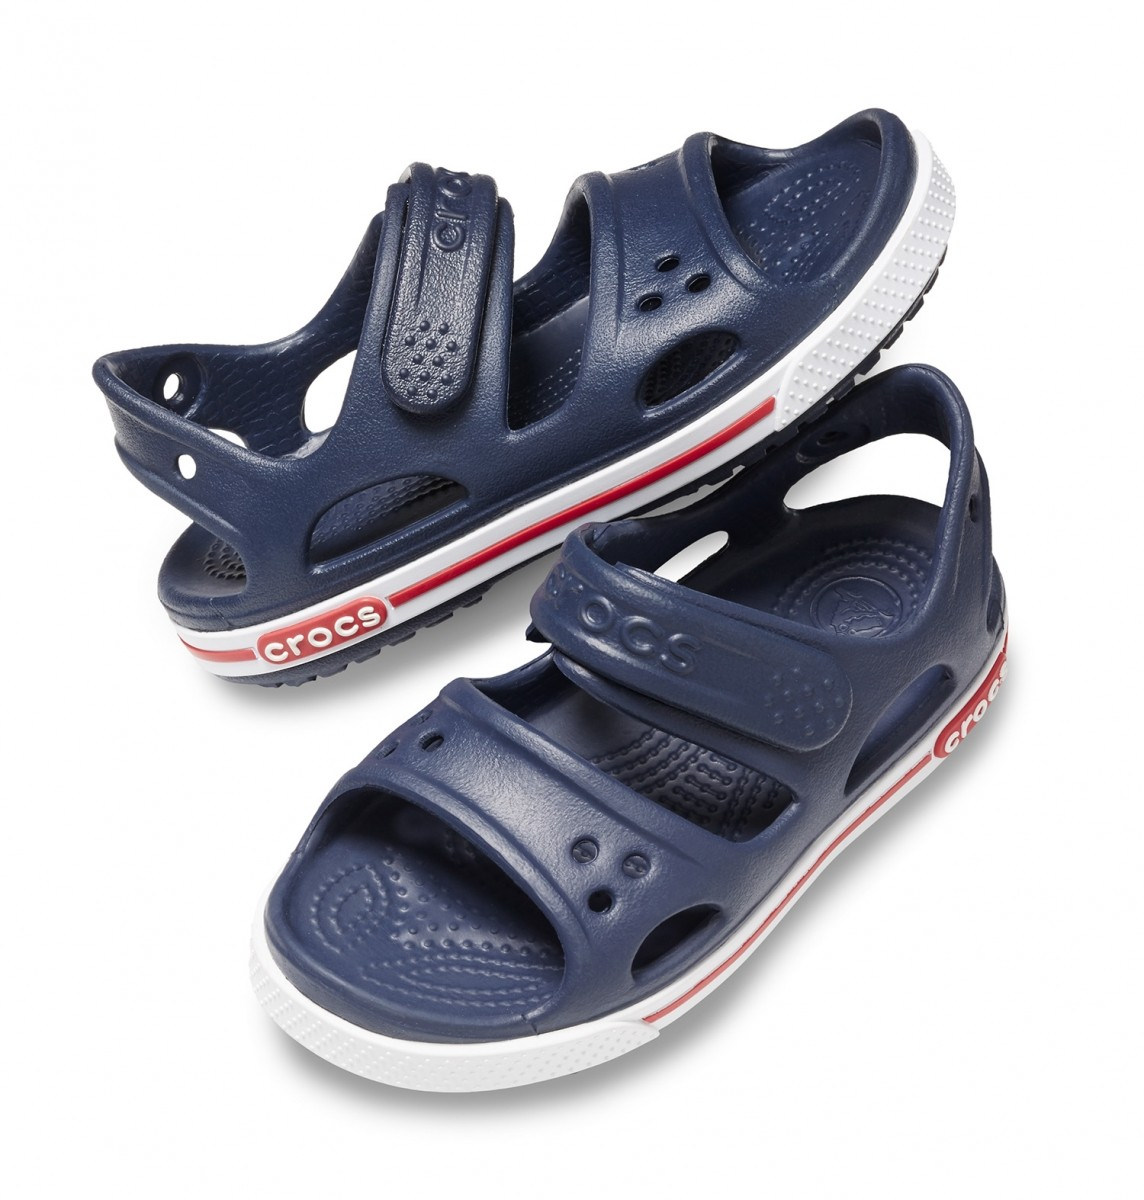 Dětské sandály Crocs Crocband II Sandal - Navy White 8a5558b9d1